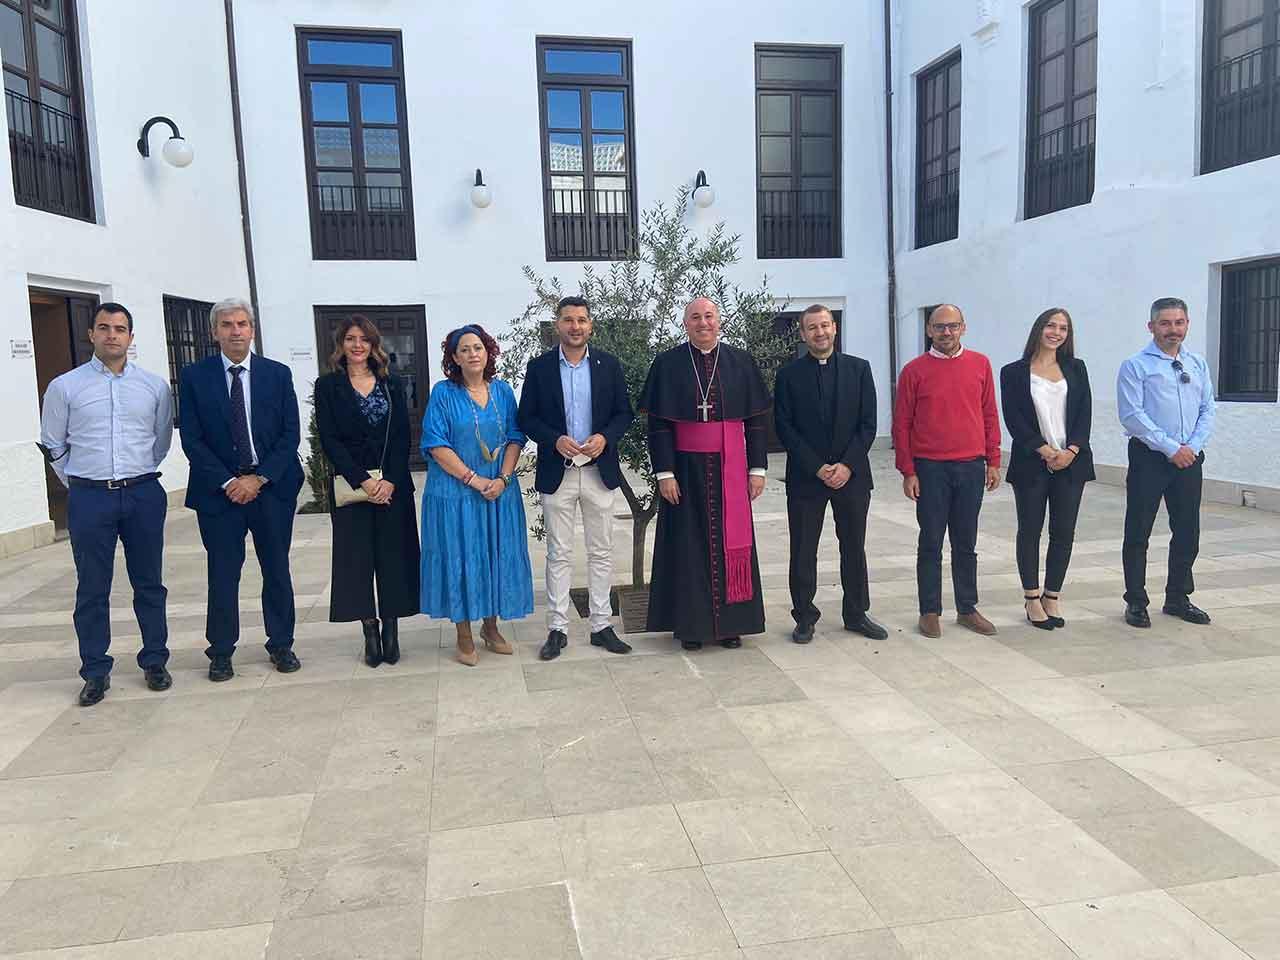 Secretariado Cursillos de Cristiandad Guadix